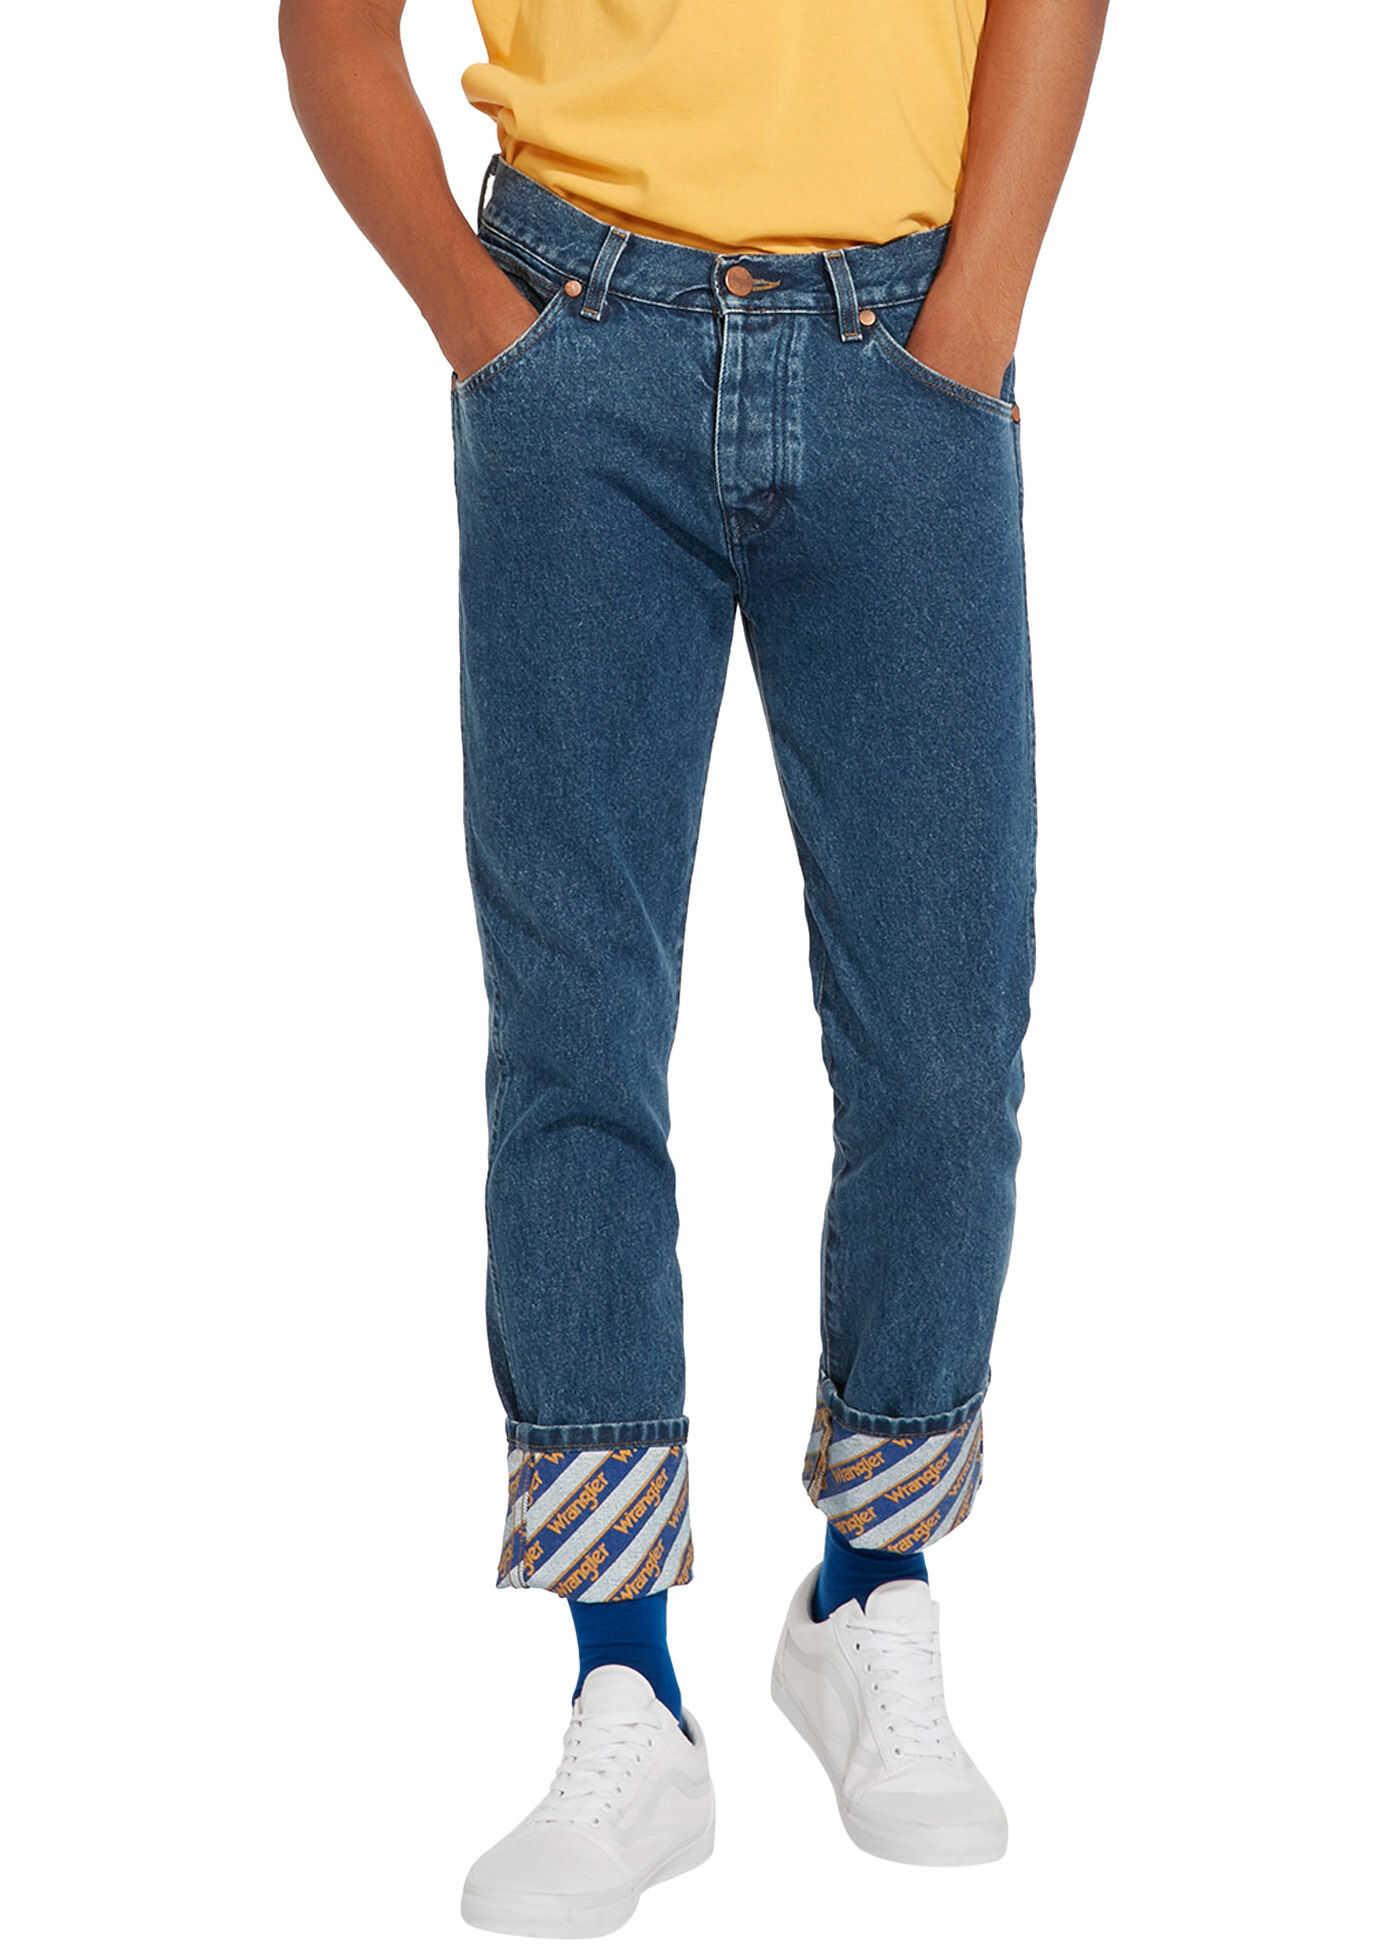 Wrangler B Y Men's Blue Regular Fit Jeans* B&Y Crash Blue